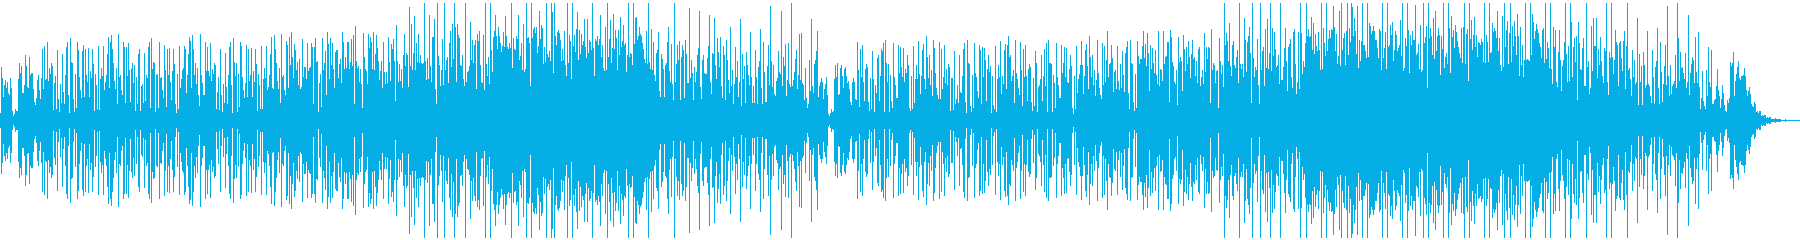 ジャジーでグルーヴィーなオルガンファンクの再生済みの波形